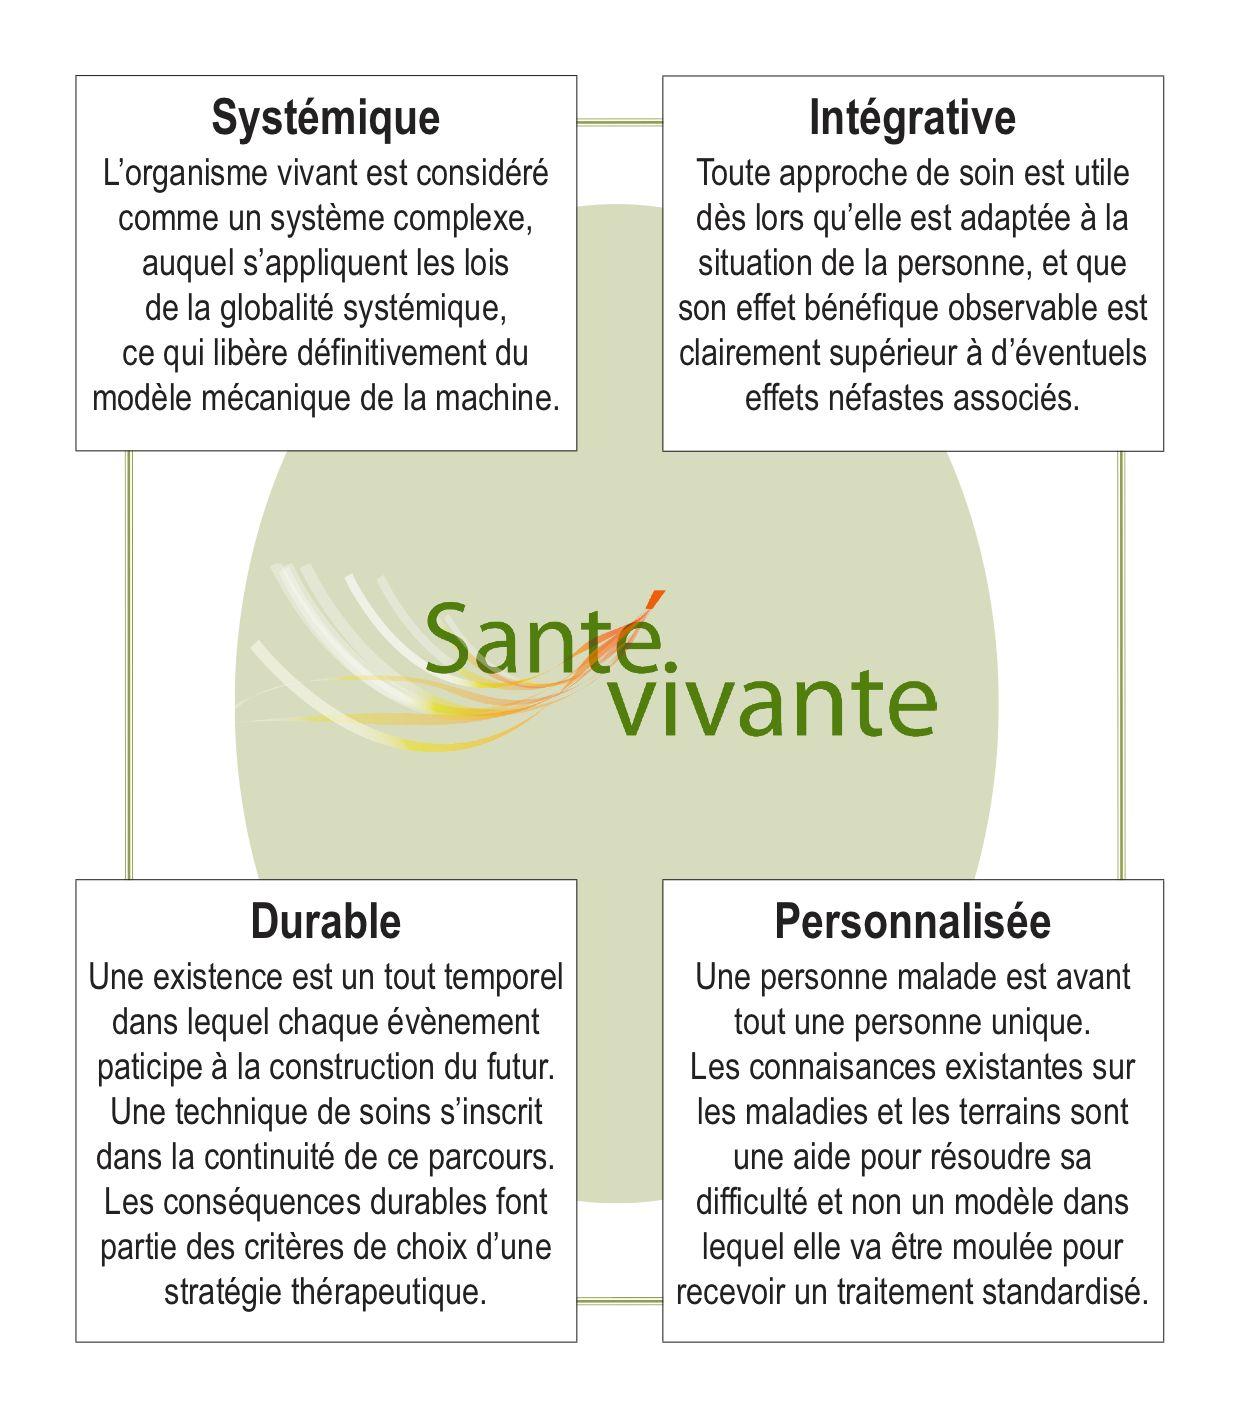 Santé globale systémique, intégrative,personnalisée et durable